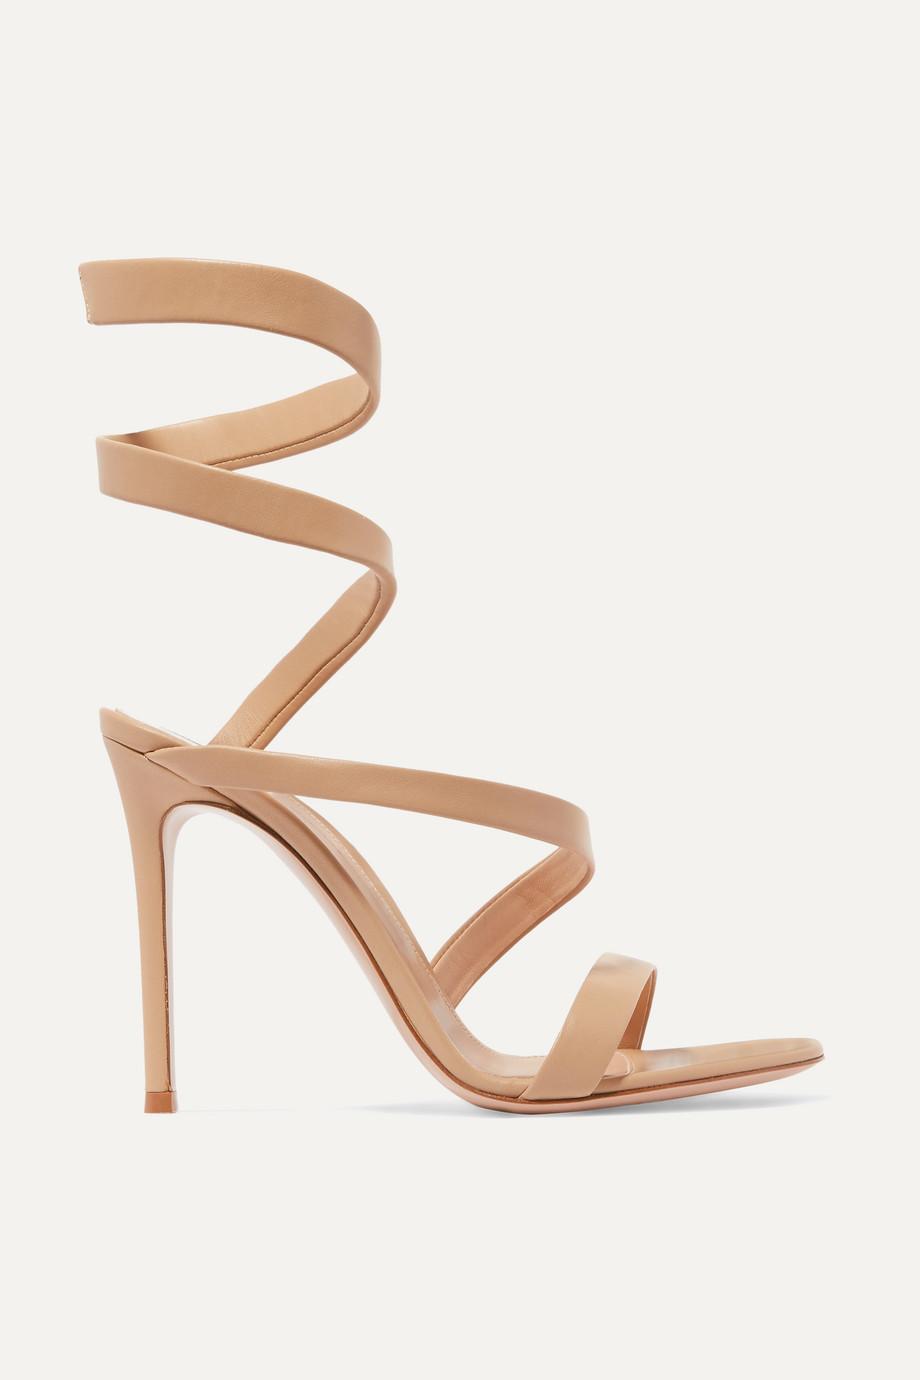 Gianvito Rossi  Opera 115 leather sandals